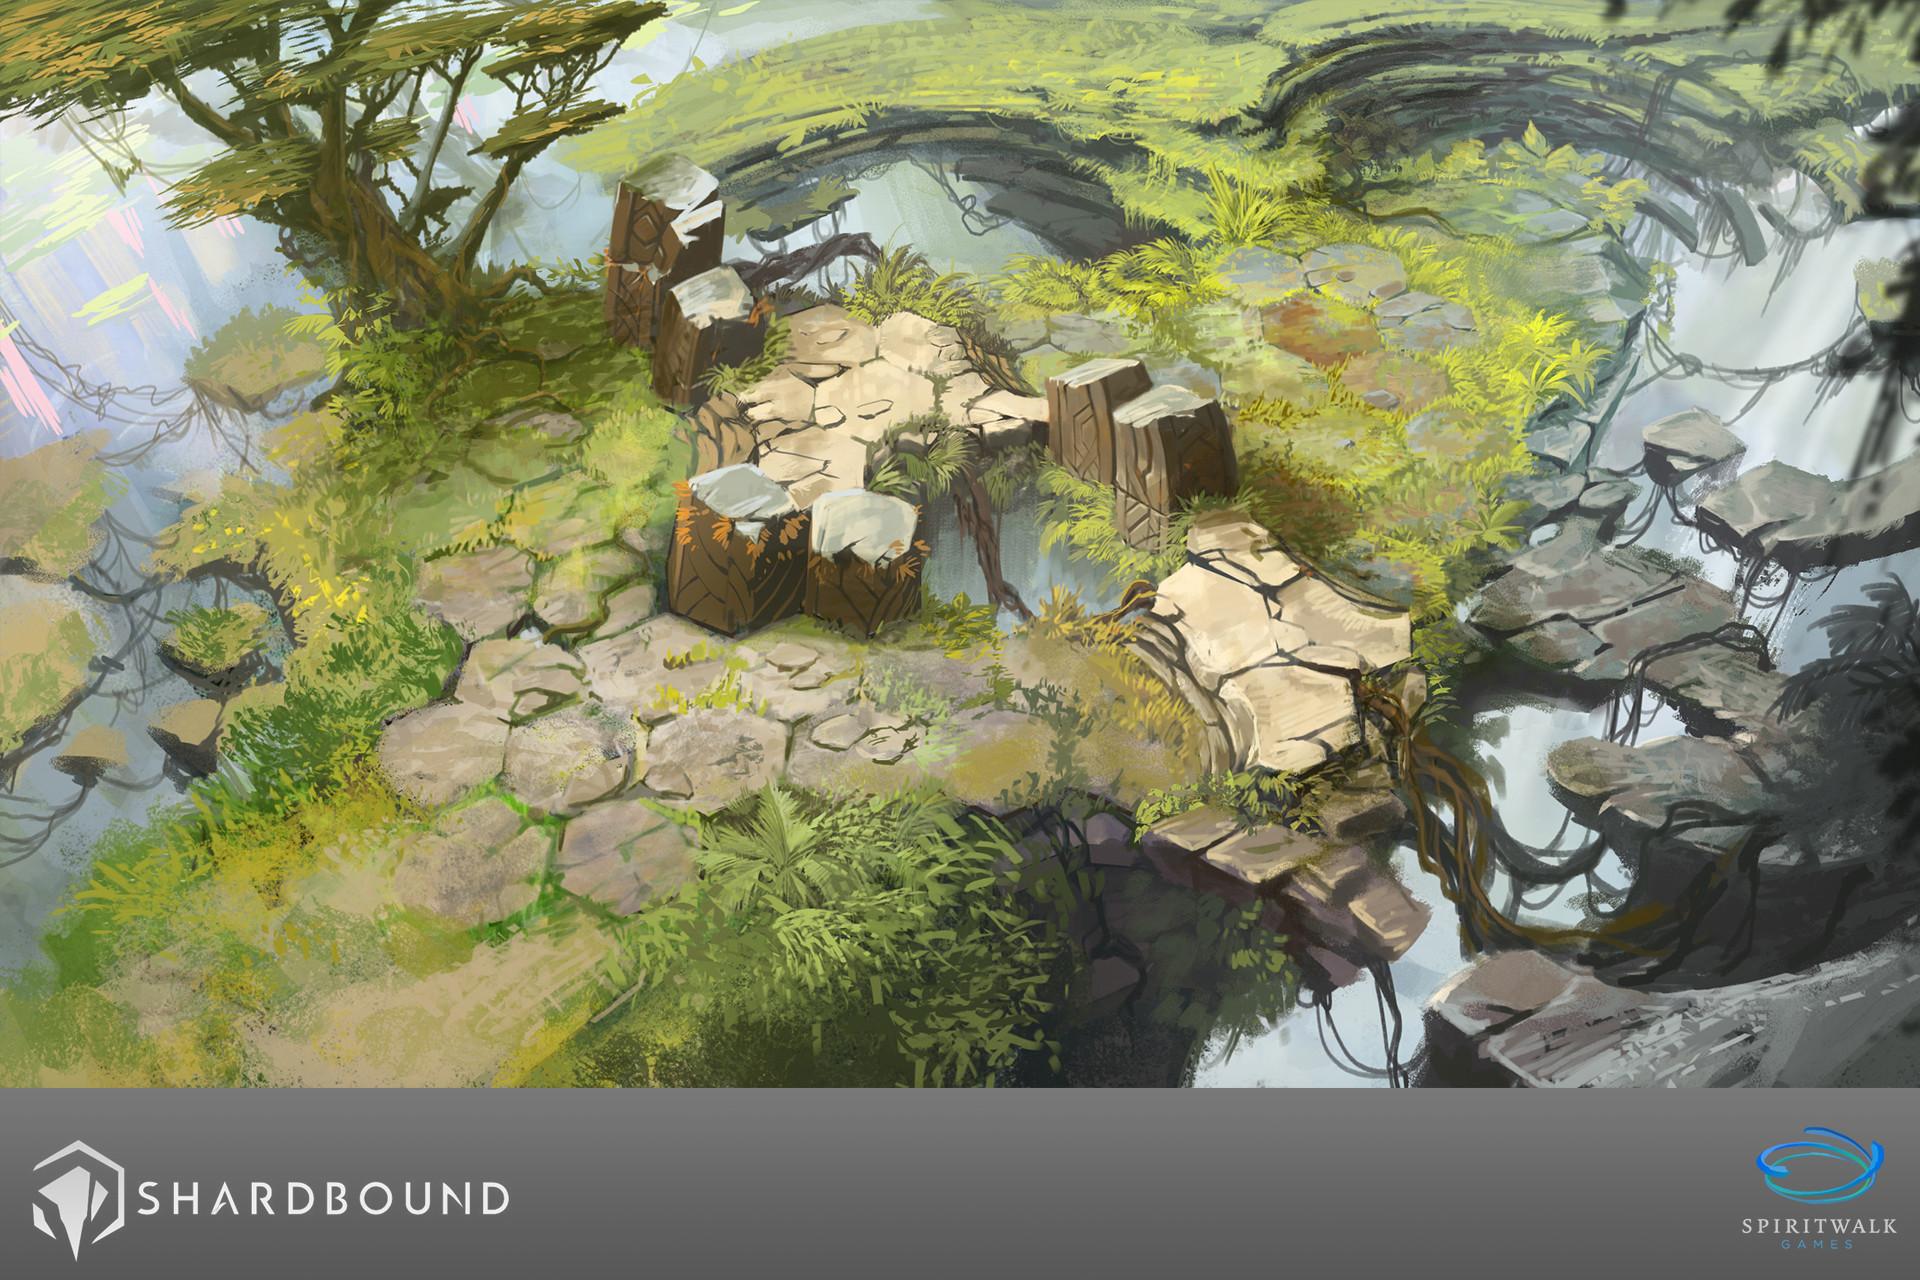 David alvarez dalvarez shardbound maps 02